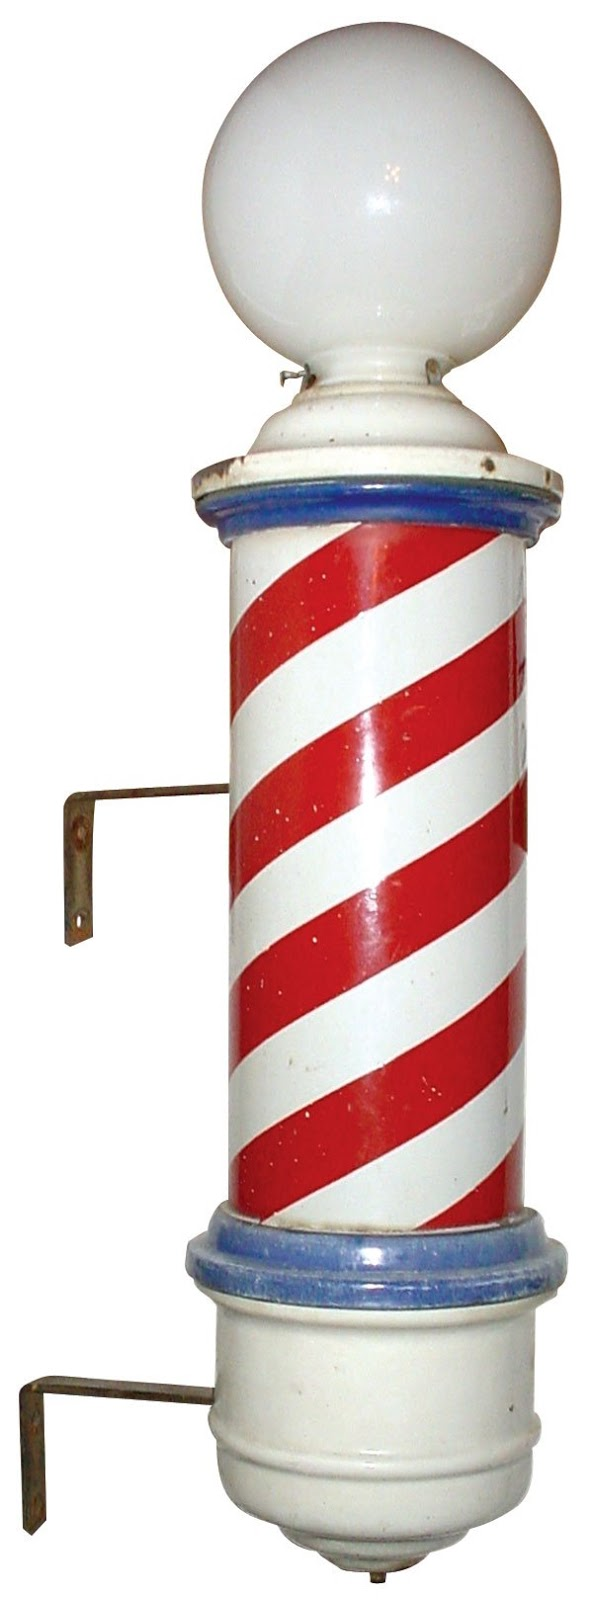 Barber Girl Photos: Antique Barber Poles